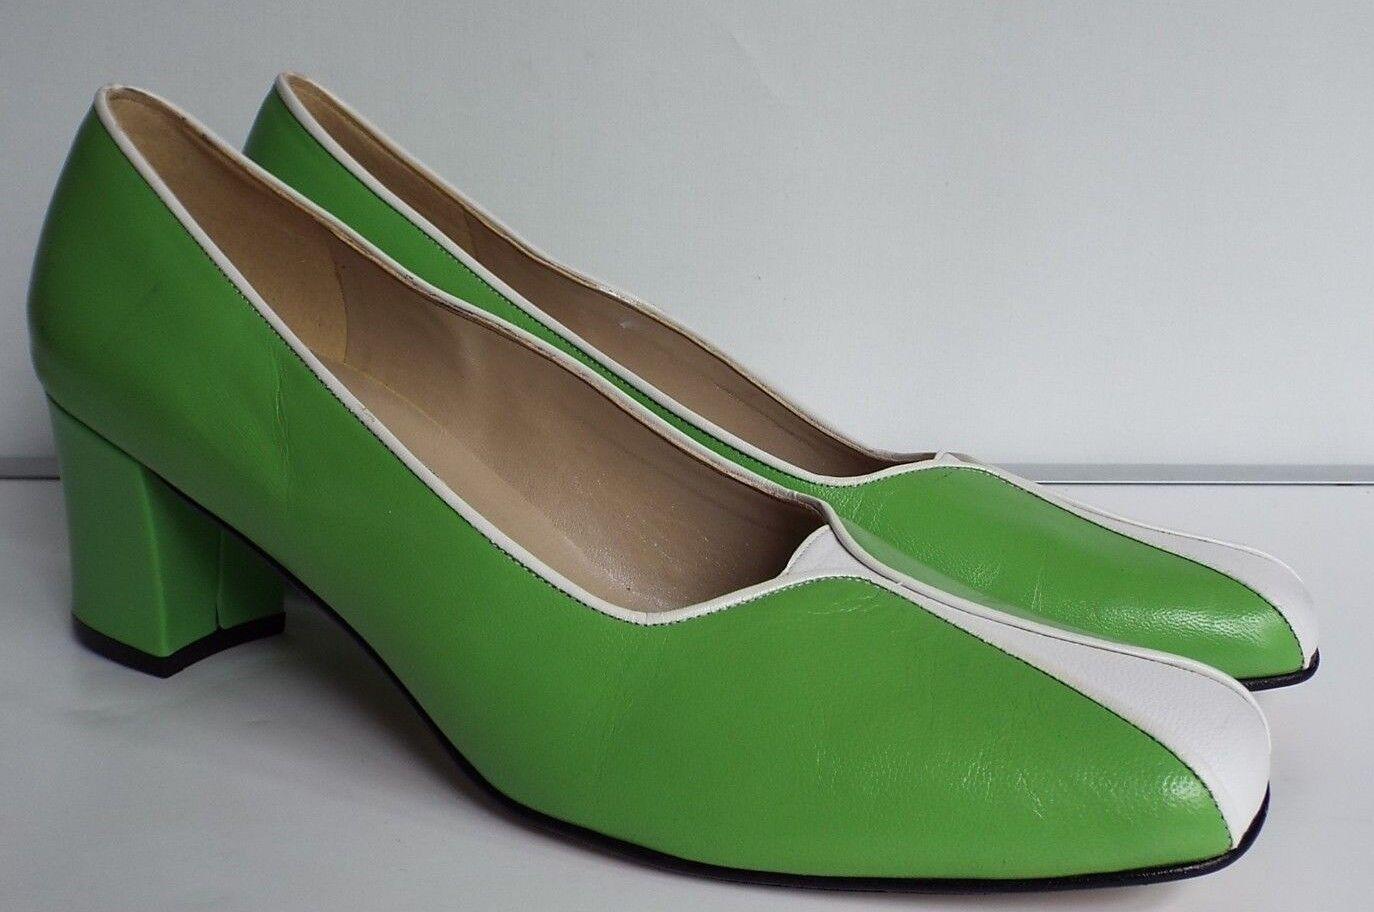 vtg Siamanto 9.5 43.5 12N trans CD Leder vivid Green WEISS mid block heel